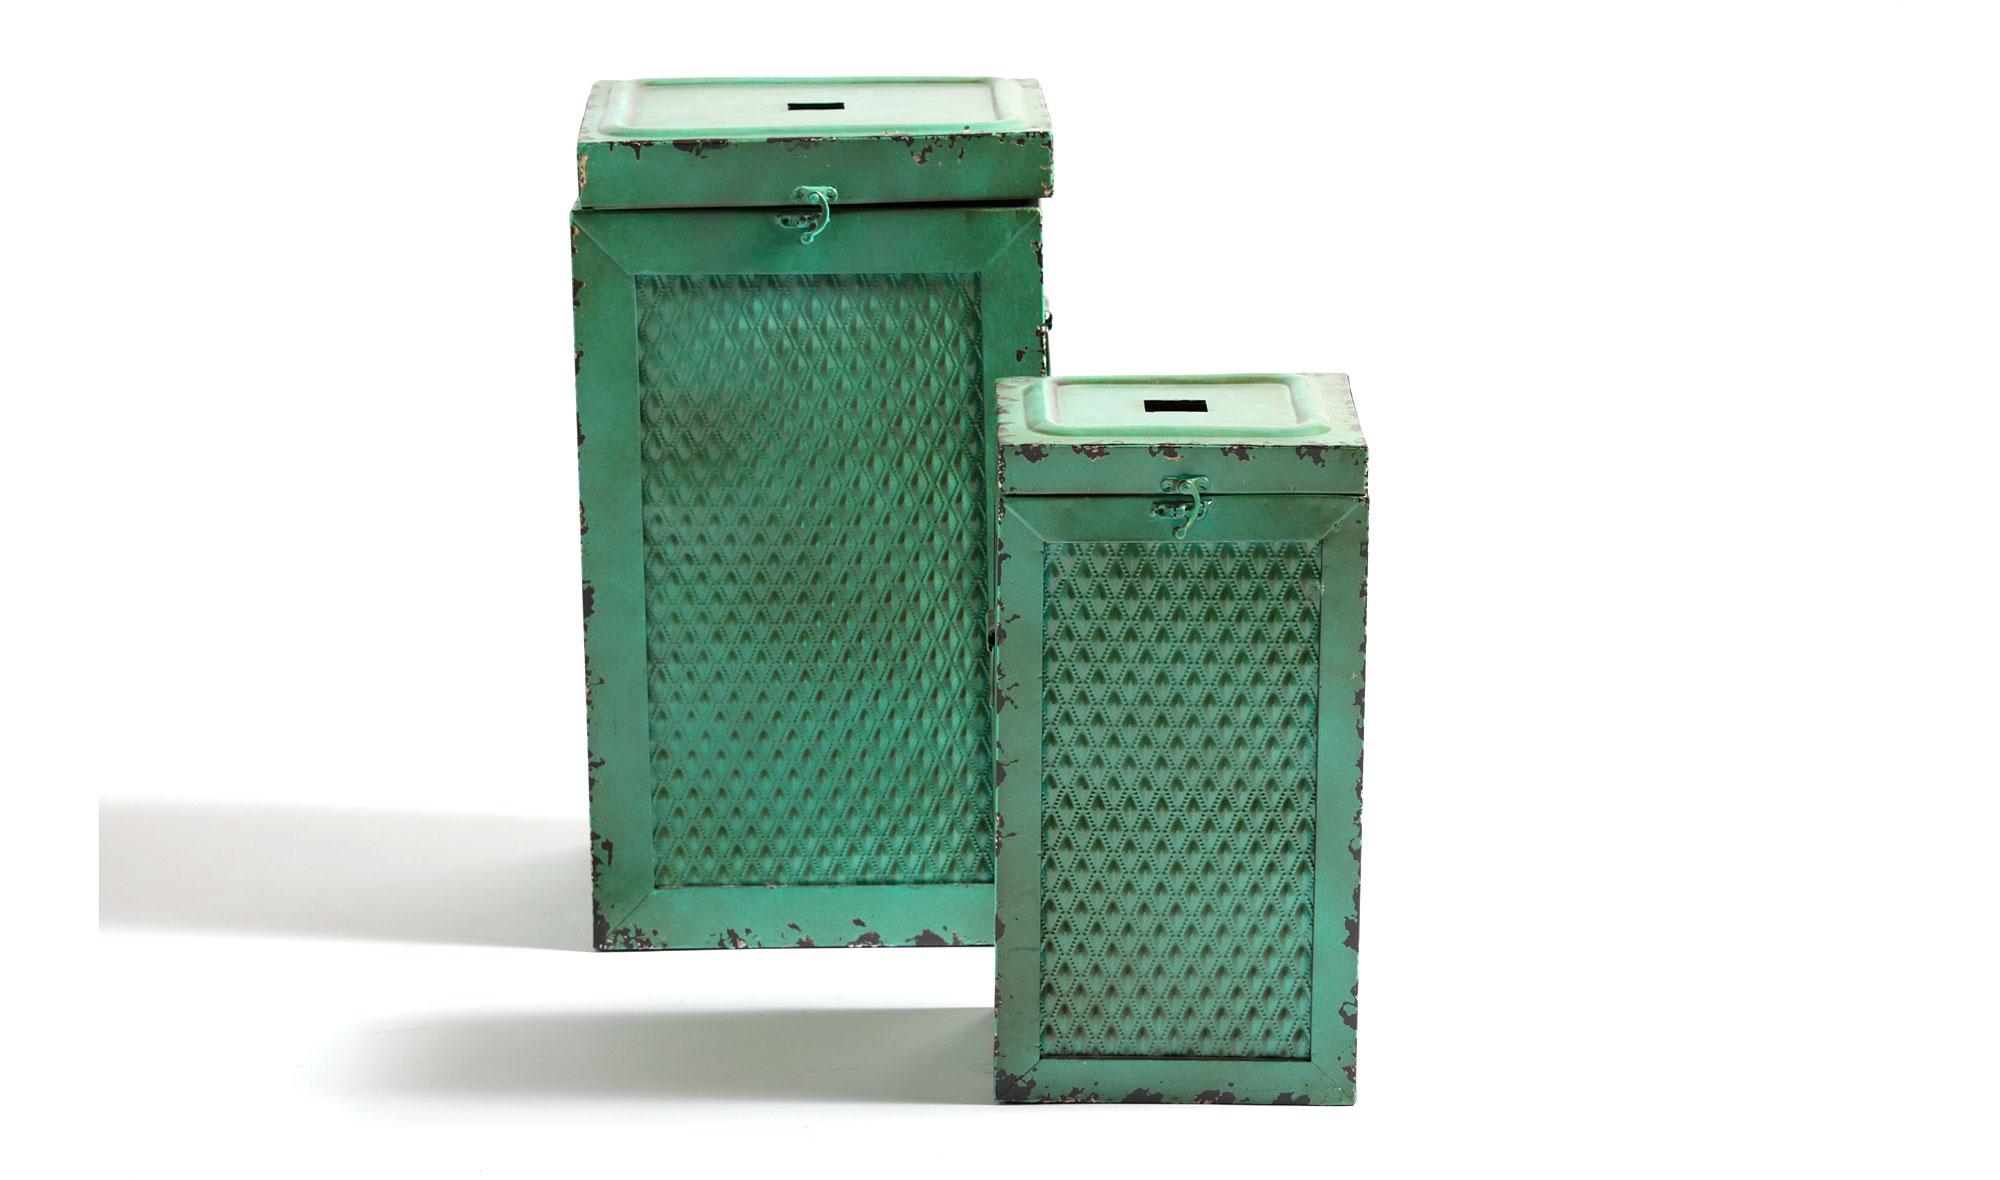 Set 2 taburetes bajos caja verde vintage Antique